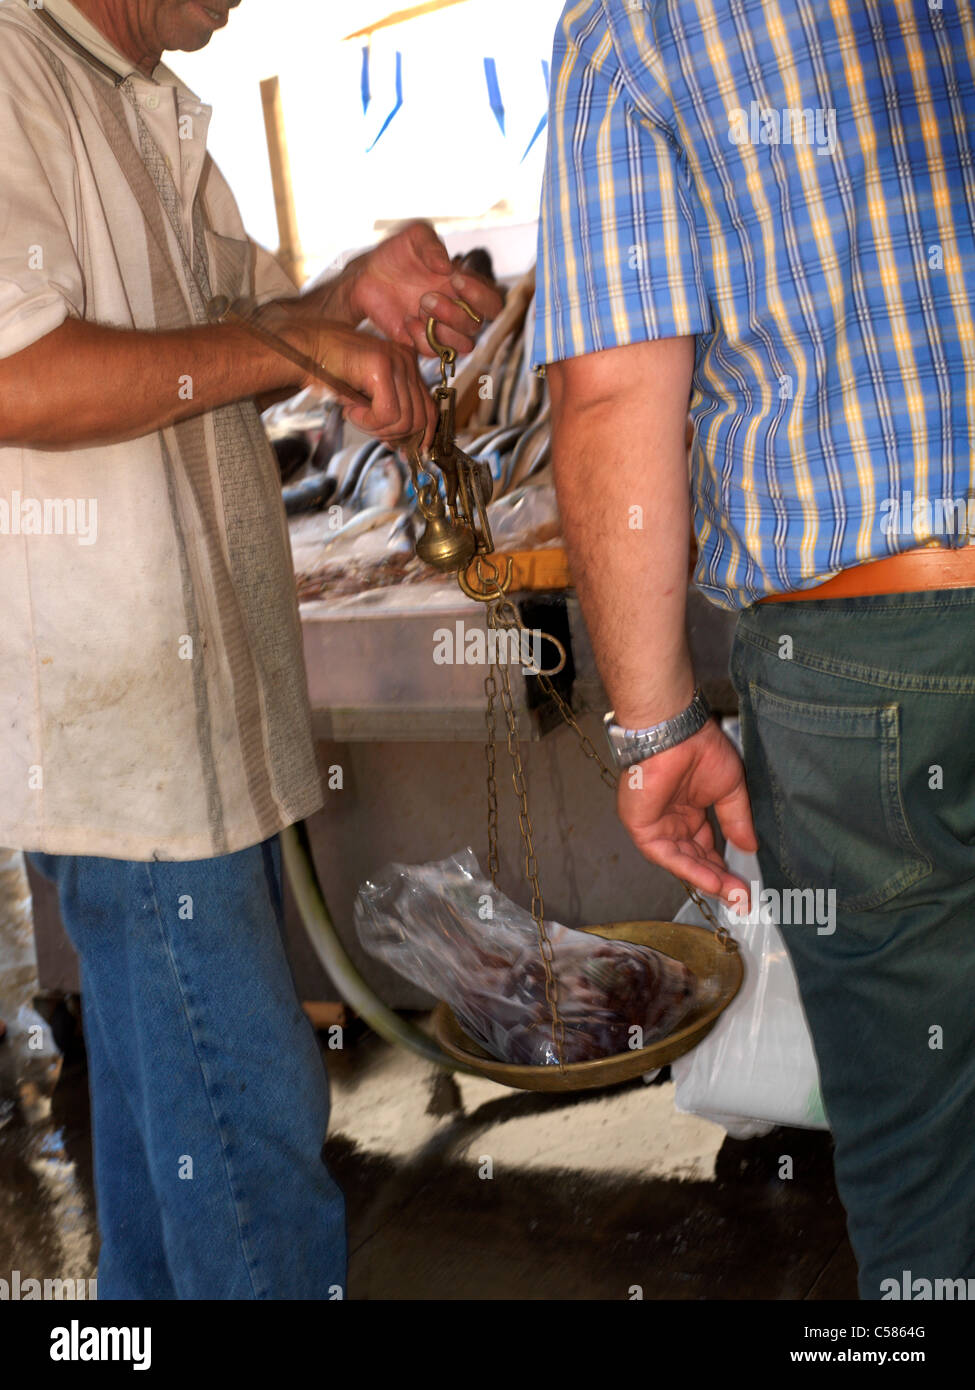 Sicile Italie Fish Market à Porticello homme pesant Poisson avec écailles en laiton Banque D'Images